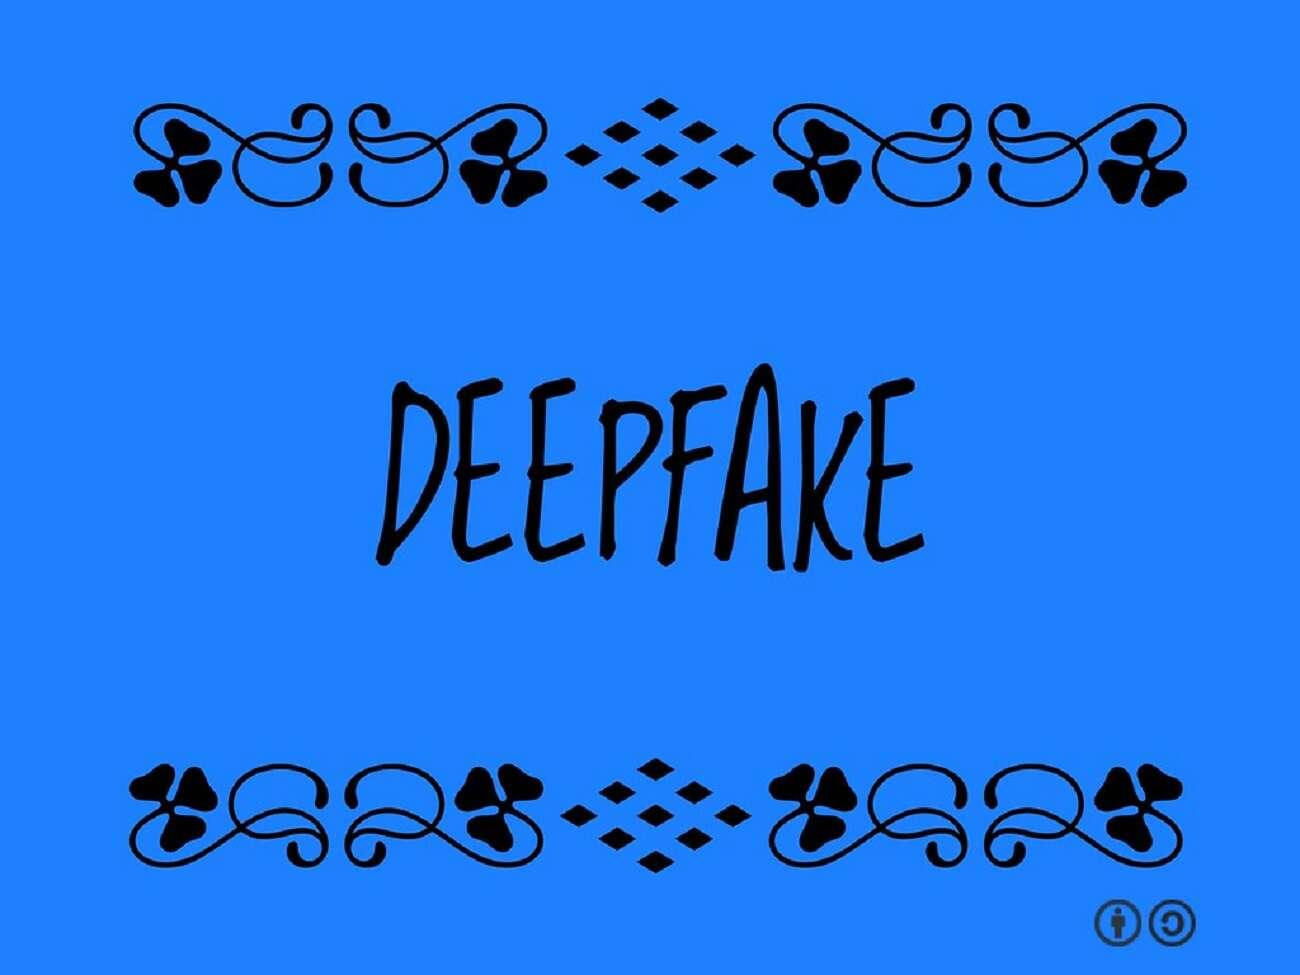 Jak rozpoznać zaawansowane deepfakes? Naukowcy znaleźli sposób